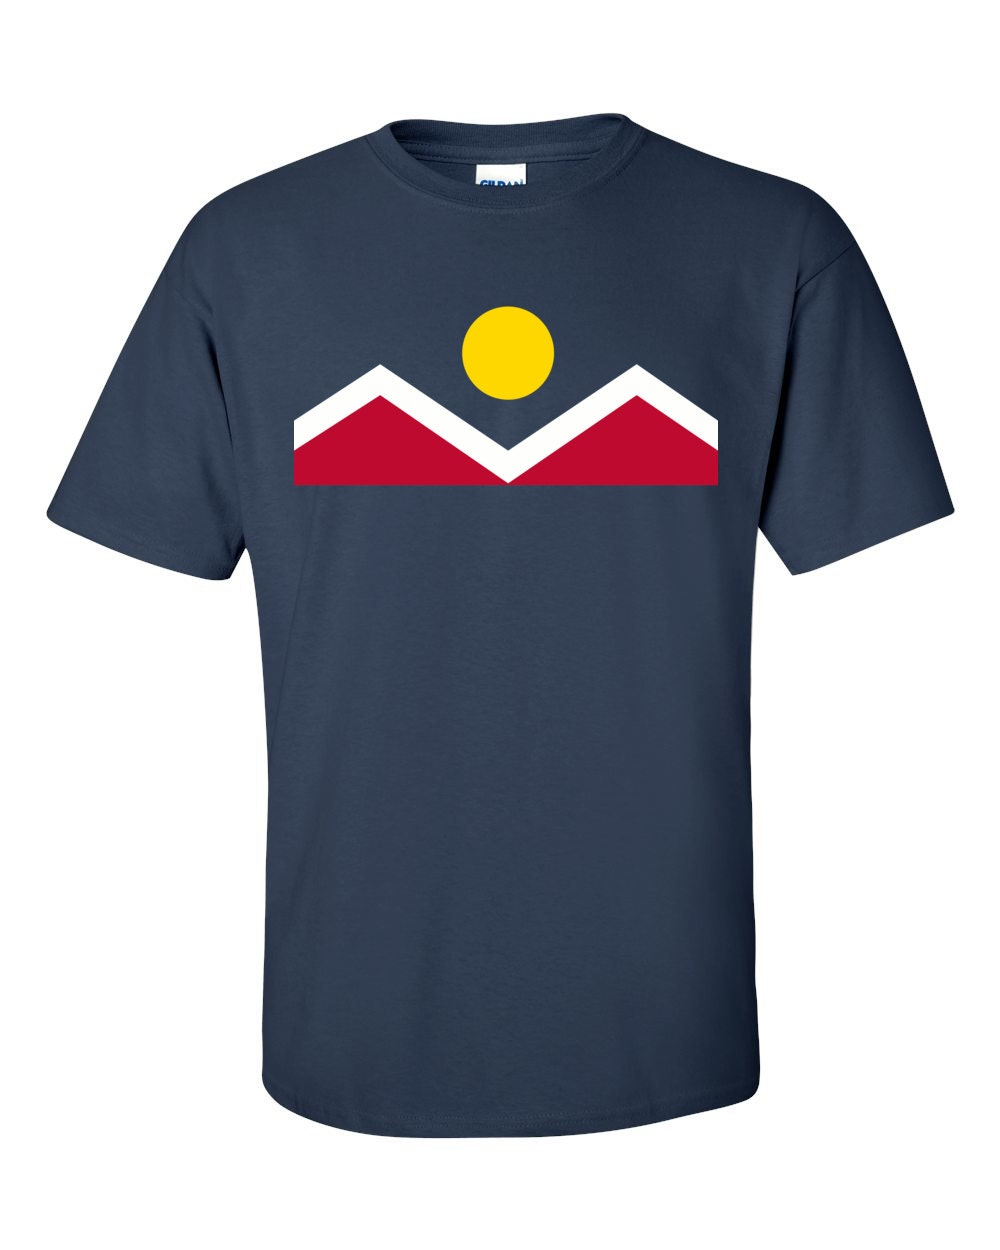 Denver T-shirt - Denver Colorado City Flag - Denver T-shirt